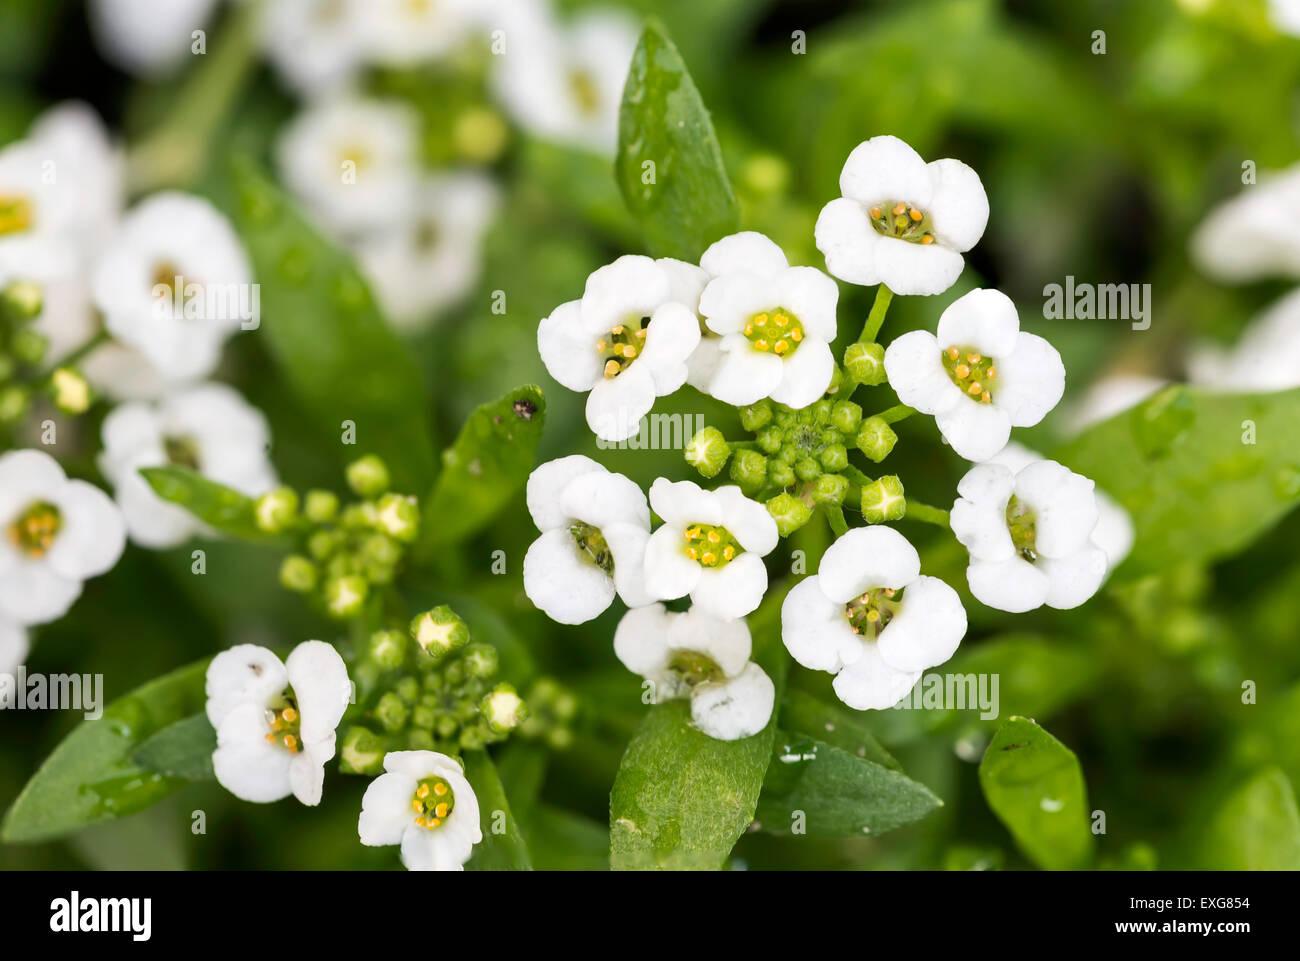 Fiori Bianchi Con Quattro Petali.Little White Lobularia Maritima Fiori Con Quattro Petali In Un